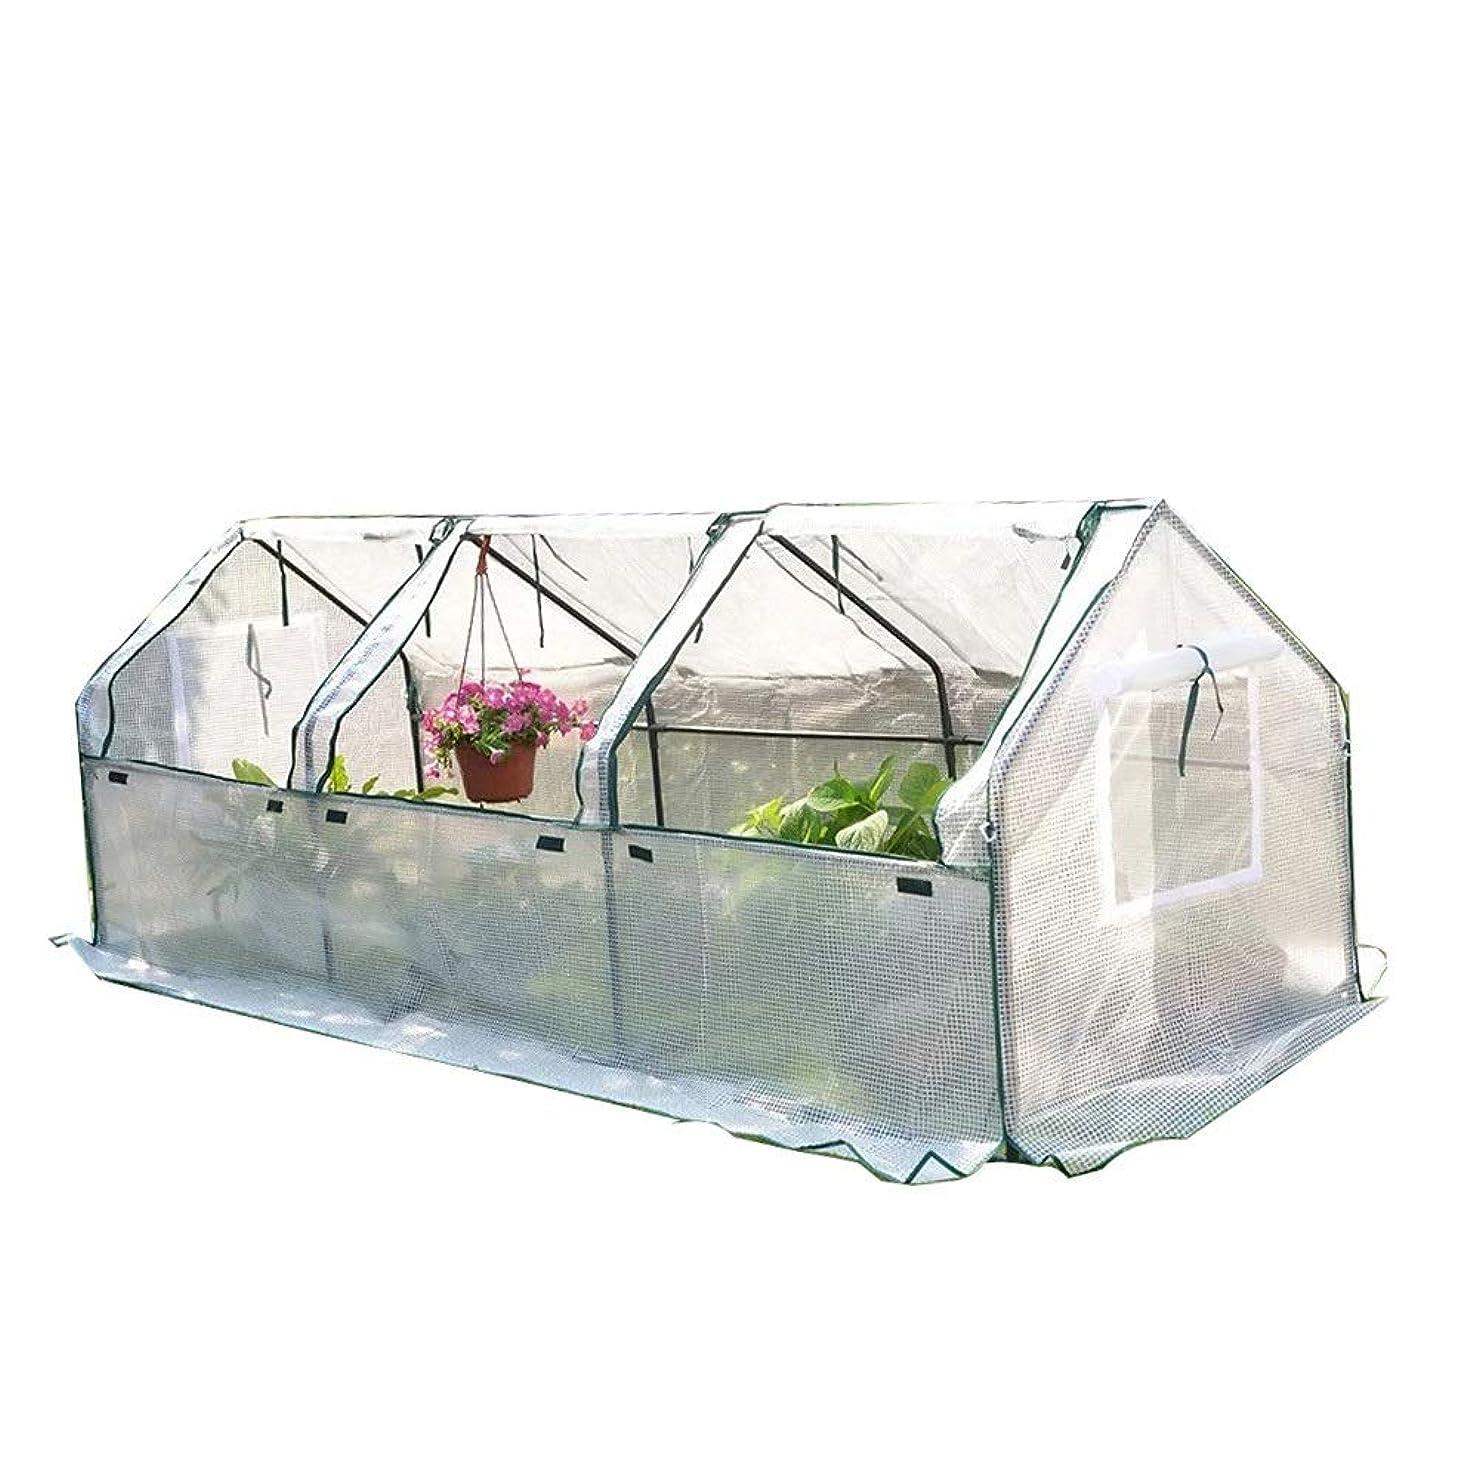 受動的貸す暴露するビニールハウス 白いサイドウィンドウ、と3グリッド温室テント、ジッパー付き菜園裏庭の温室カバートマトポータブル花、、270×88×90センチメートル (Size : 270*88*90cm)